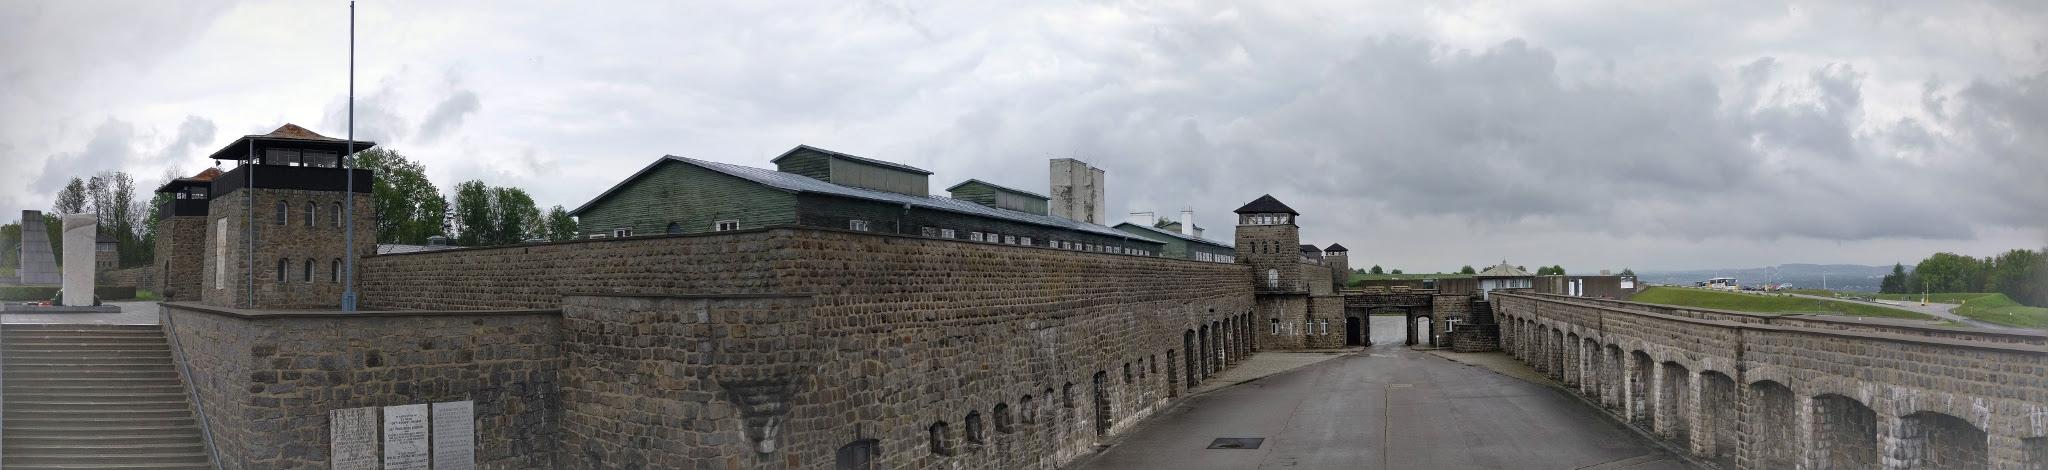 Mauthausen panoramic